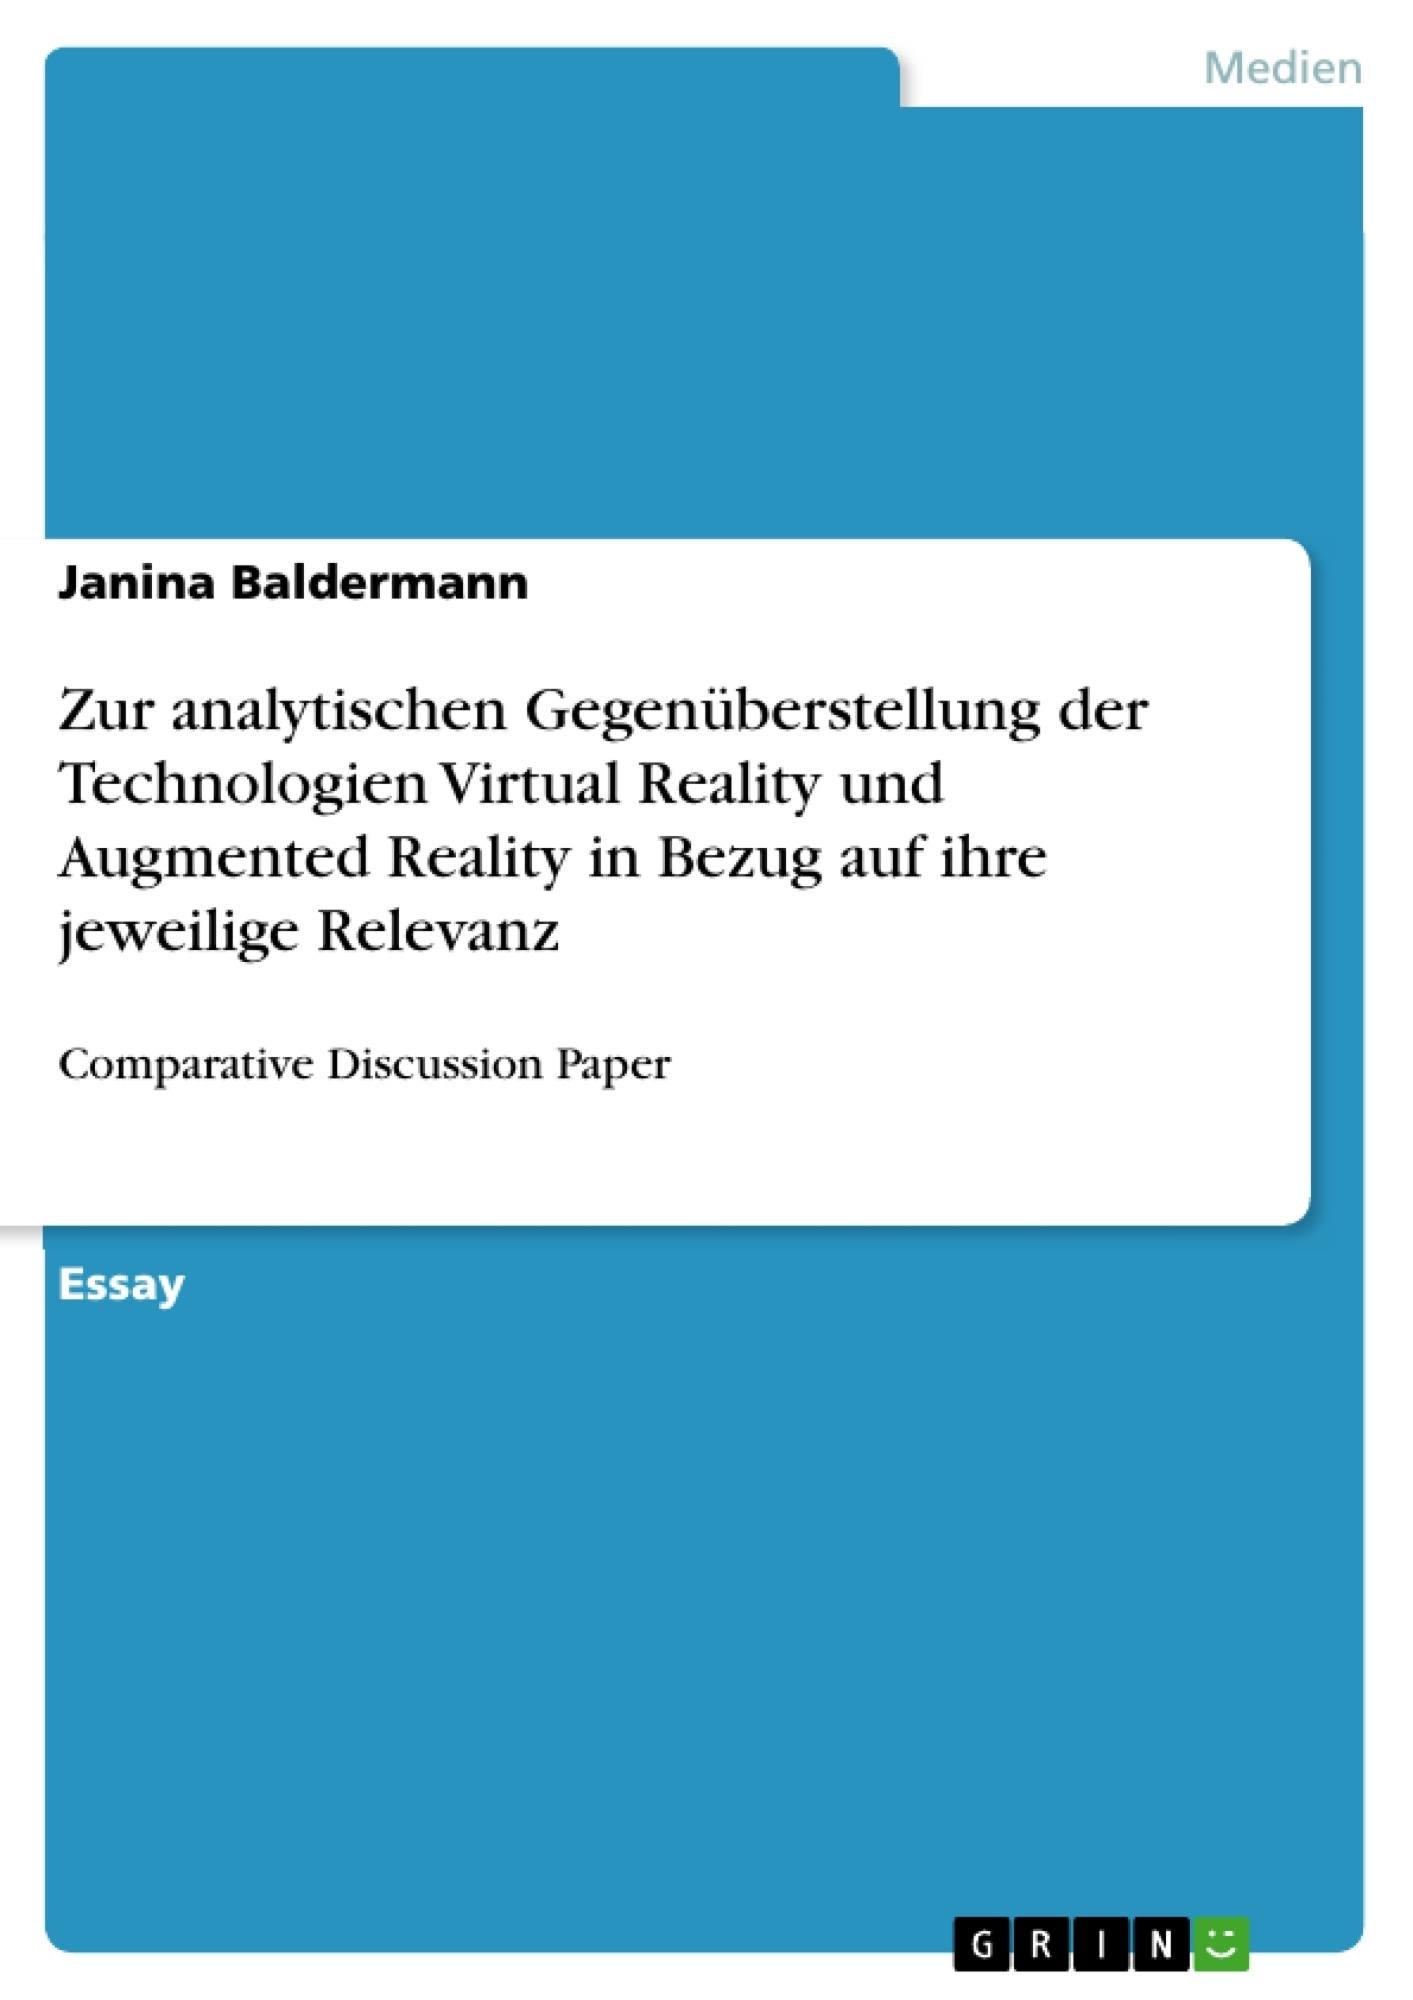 Titel: Zur analytischen Gegenüberstellung der Technologien Virtual Reality und Augmented Reality in Bezug auf ihre jeweilige Relevanz